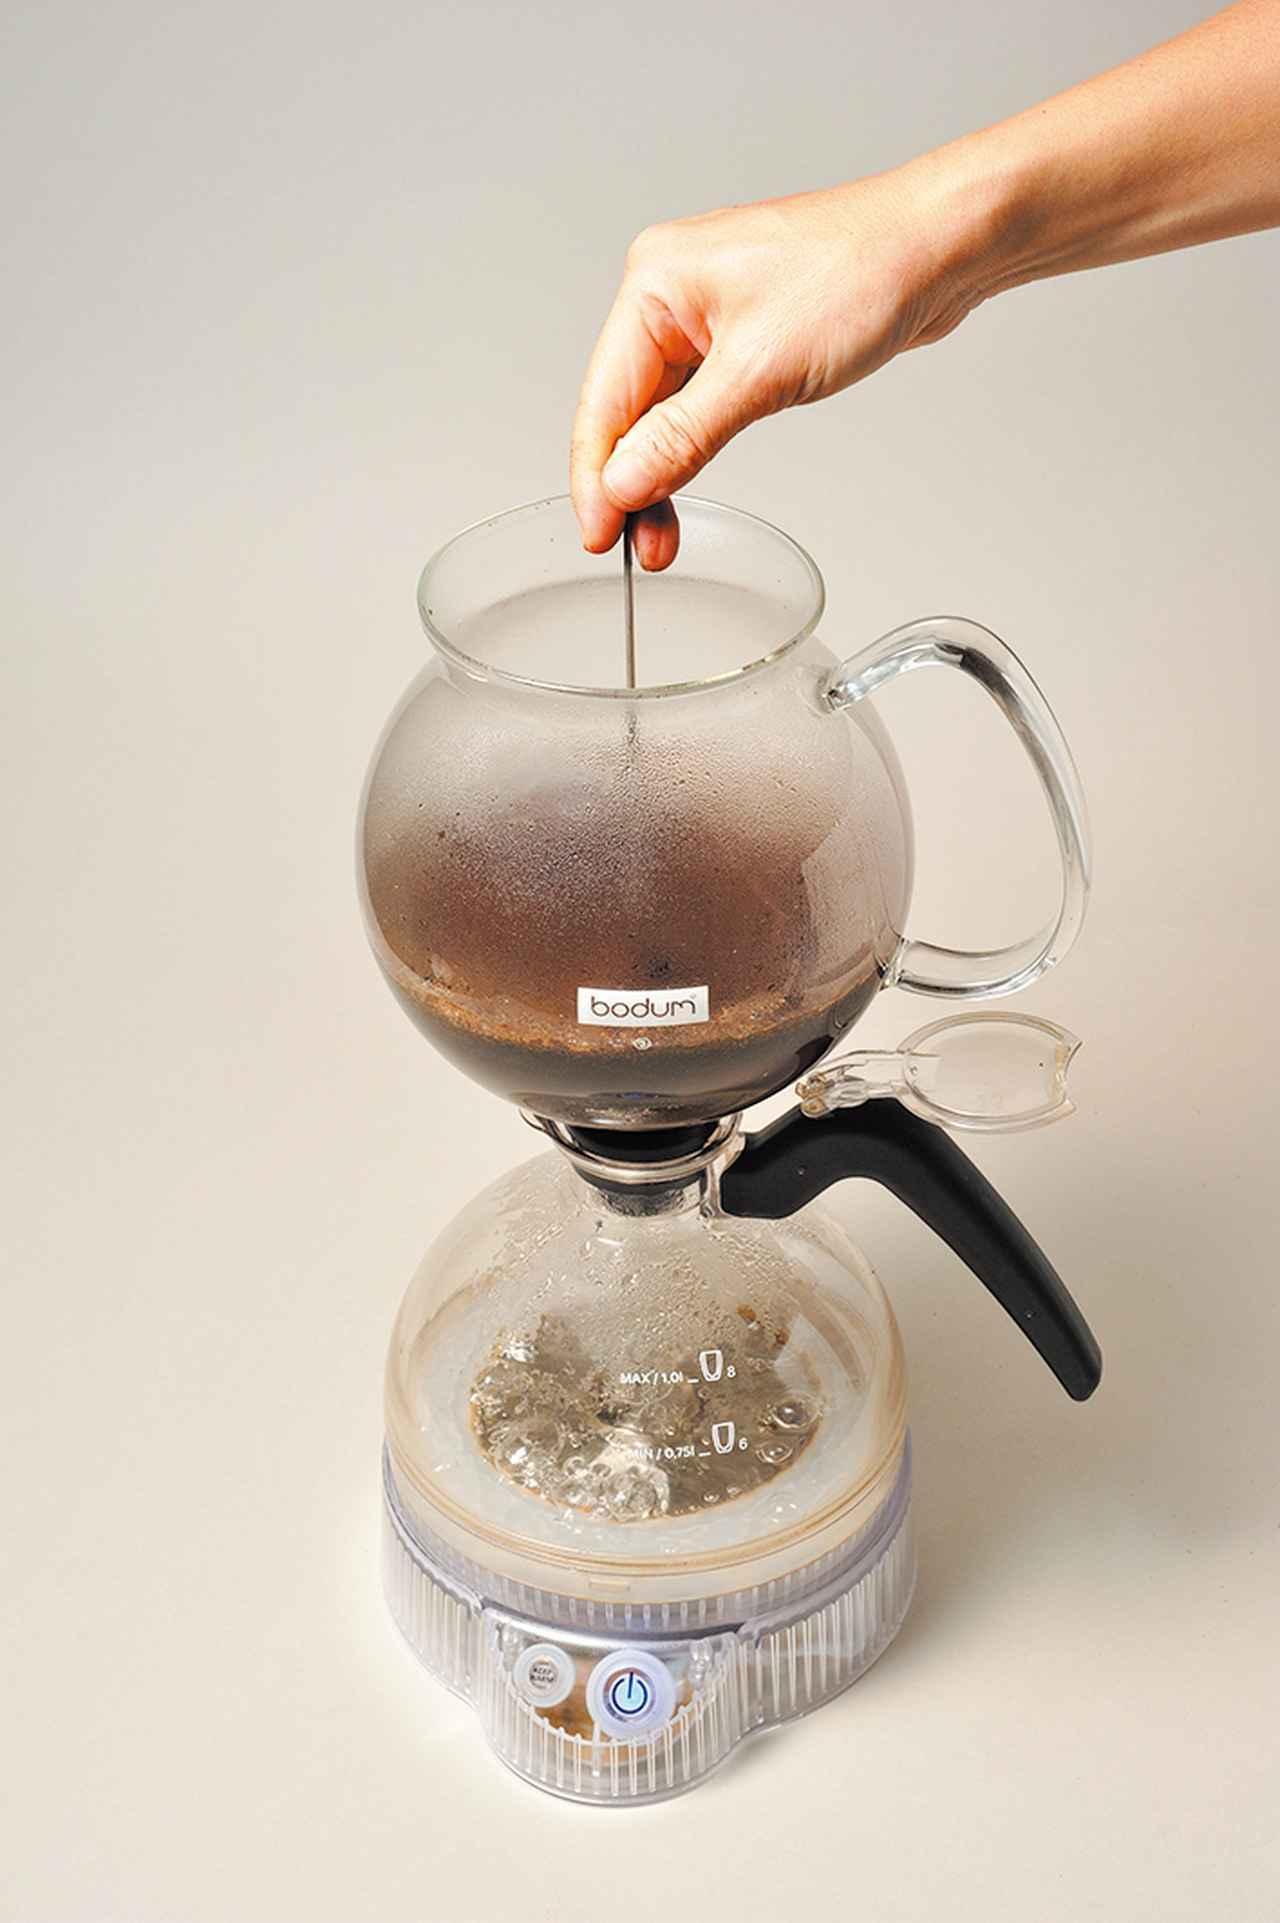 画像: お湯にコーヒー粉を入れてかき混ぜると、香りが一気に広がる。フィルターを使わないので、アロマとコクがしっかりと残ったコーヒーに仕上がる。